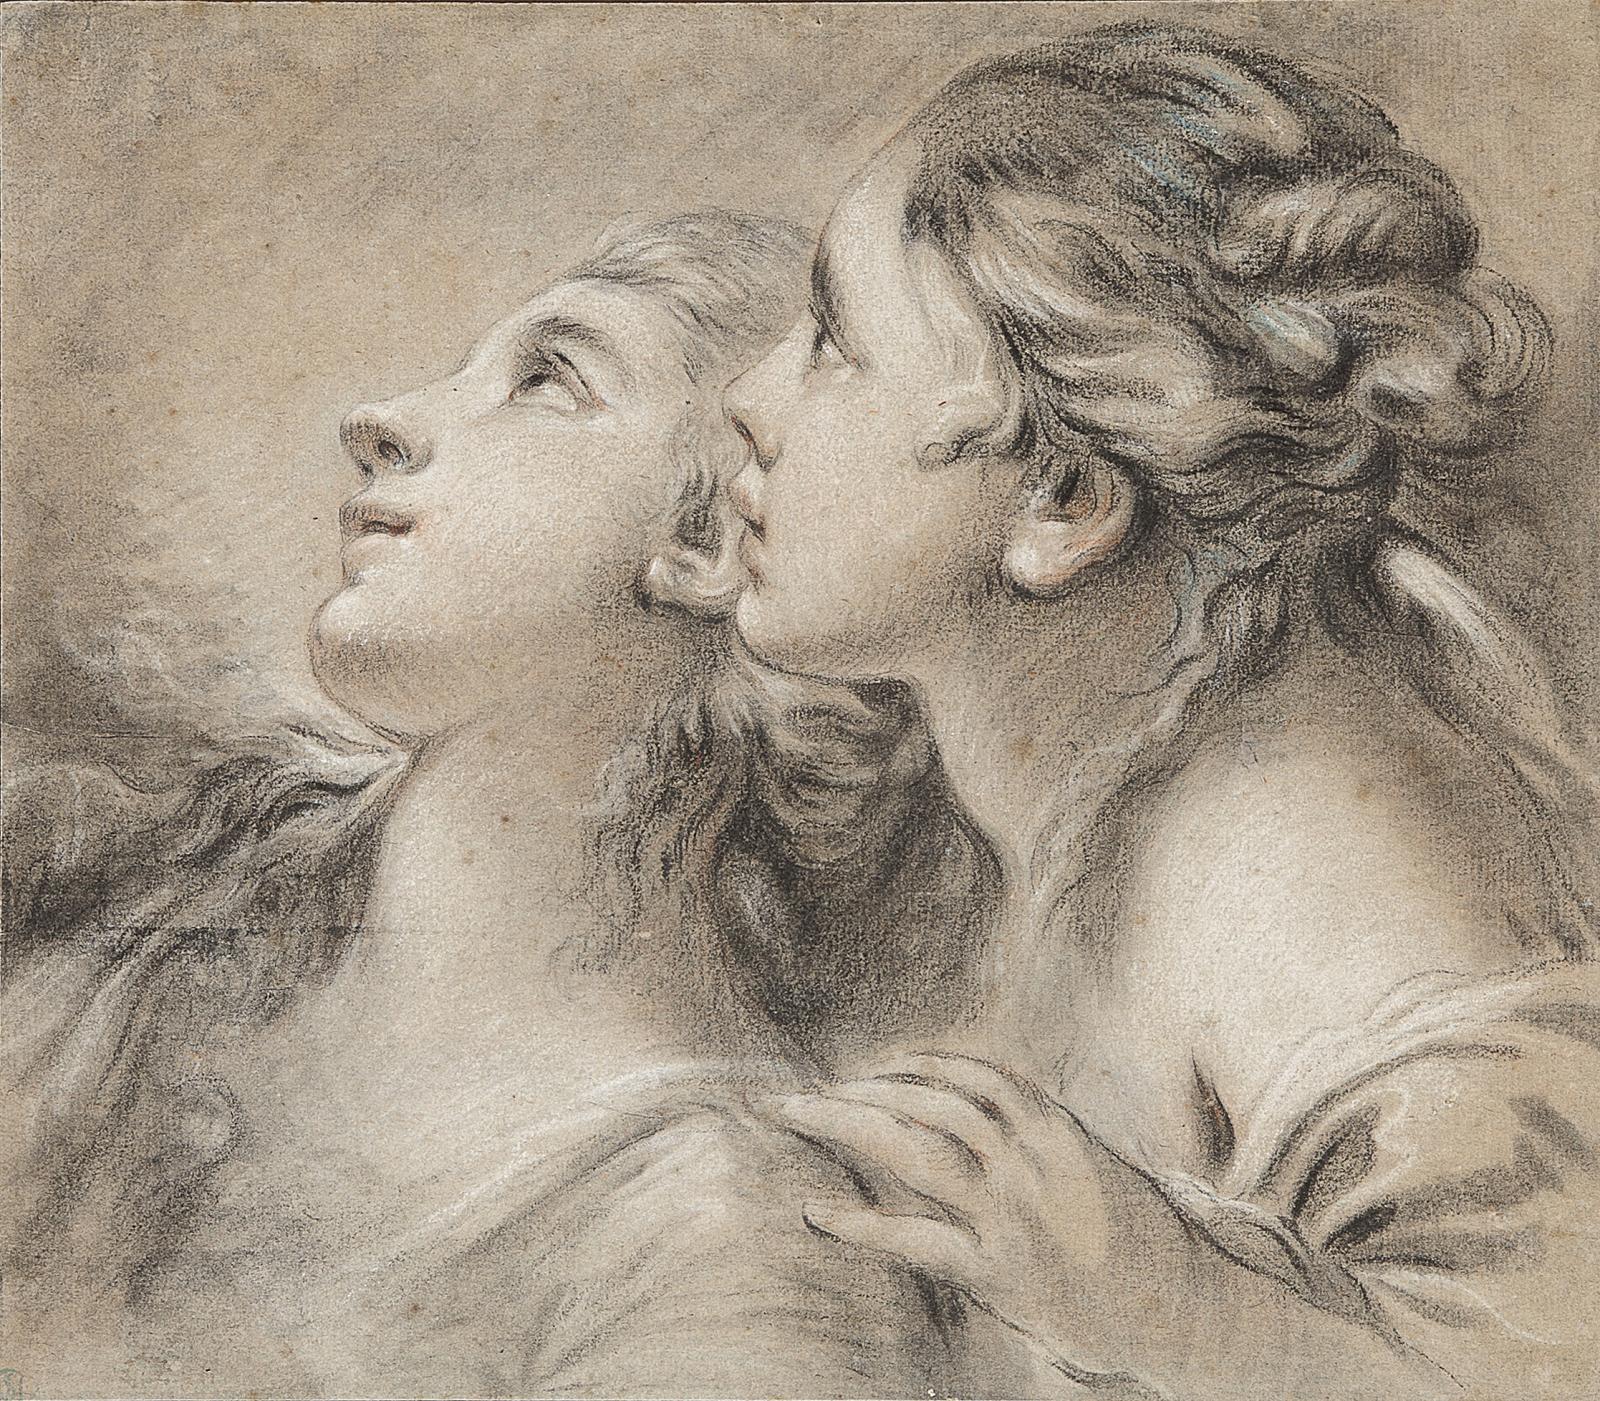 François Boucher (1703-1770), Têtes de deux jeunes femmes de profil, pierre noire, sanguine, pastel et rehauts de blanc sur papier gris, 27x32cm (d